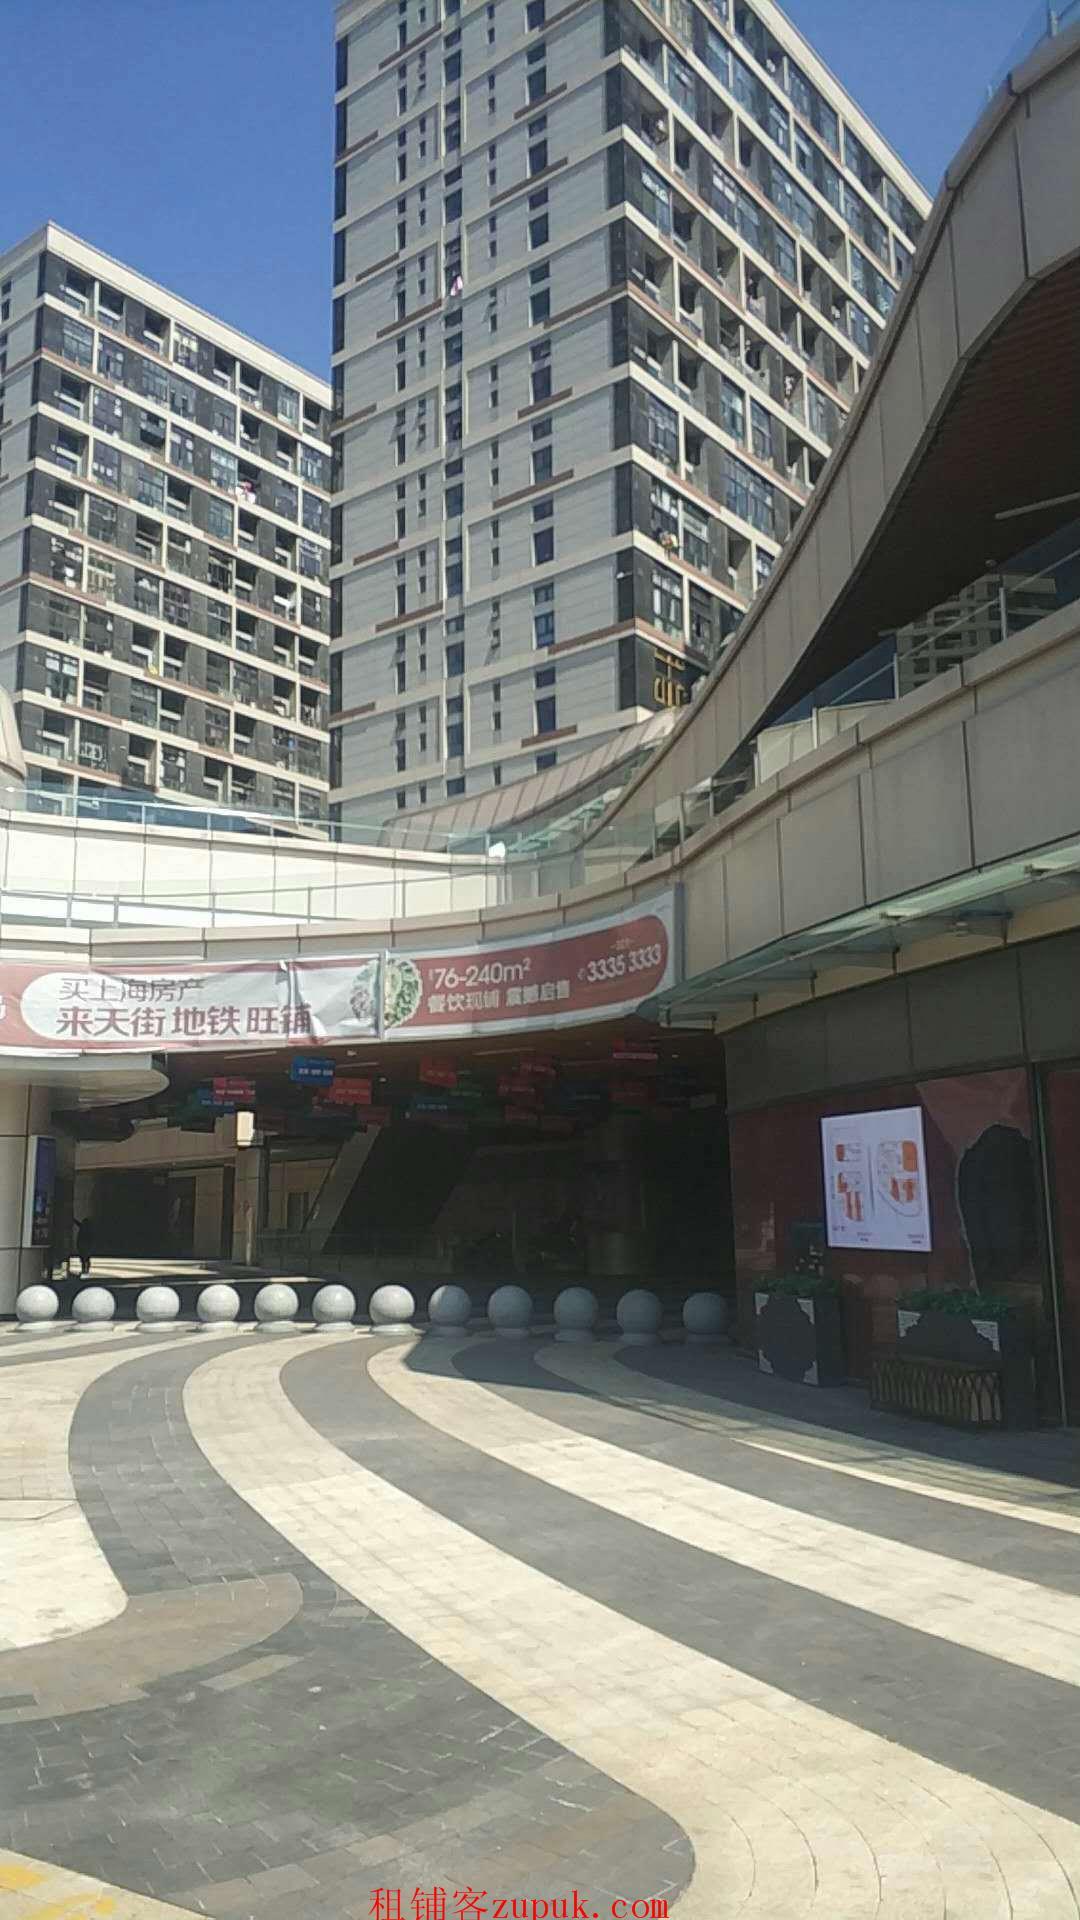 青浦区徐泾 沿街商业 人气十足 无需养铺 业态不限